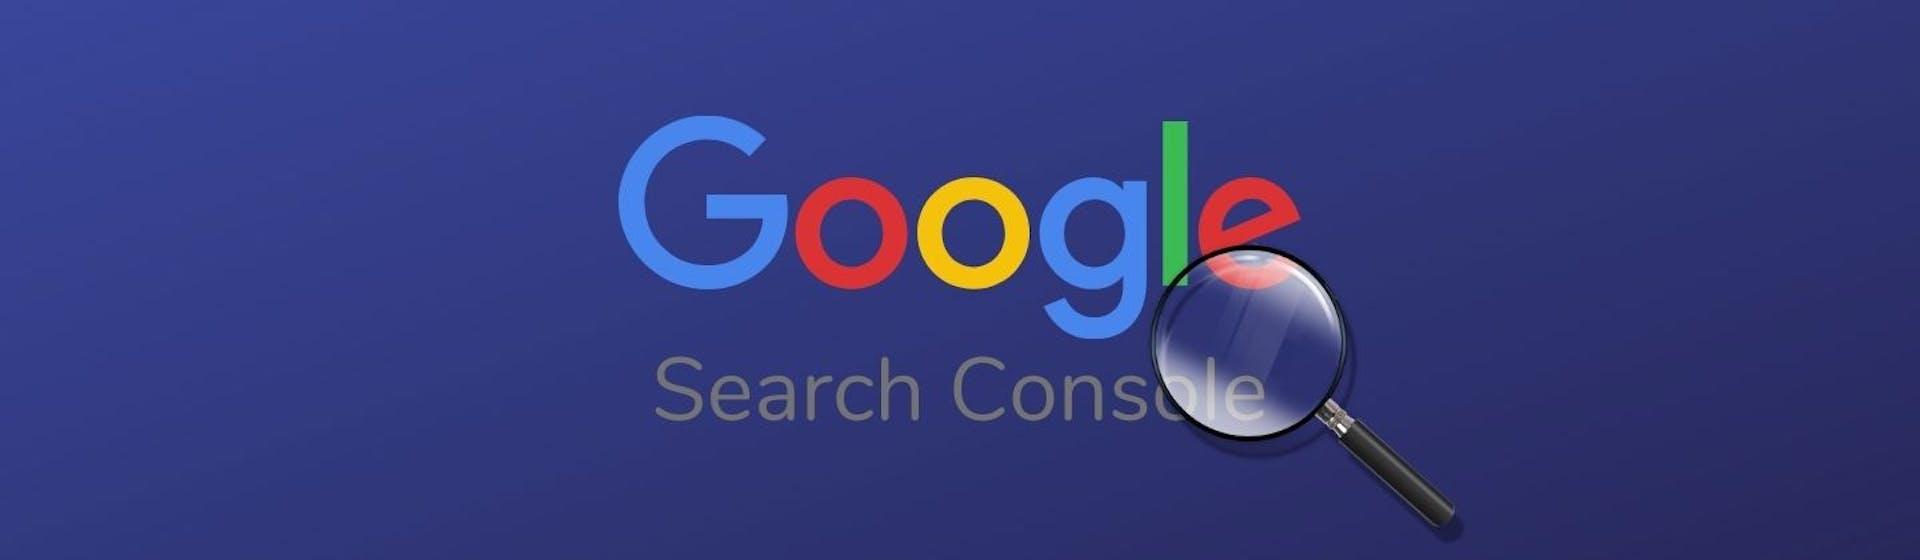 ¿Qué es Google Search Console? Eleva tu estrategia SEO con esta herramienta